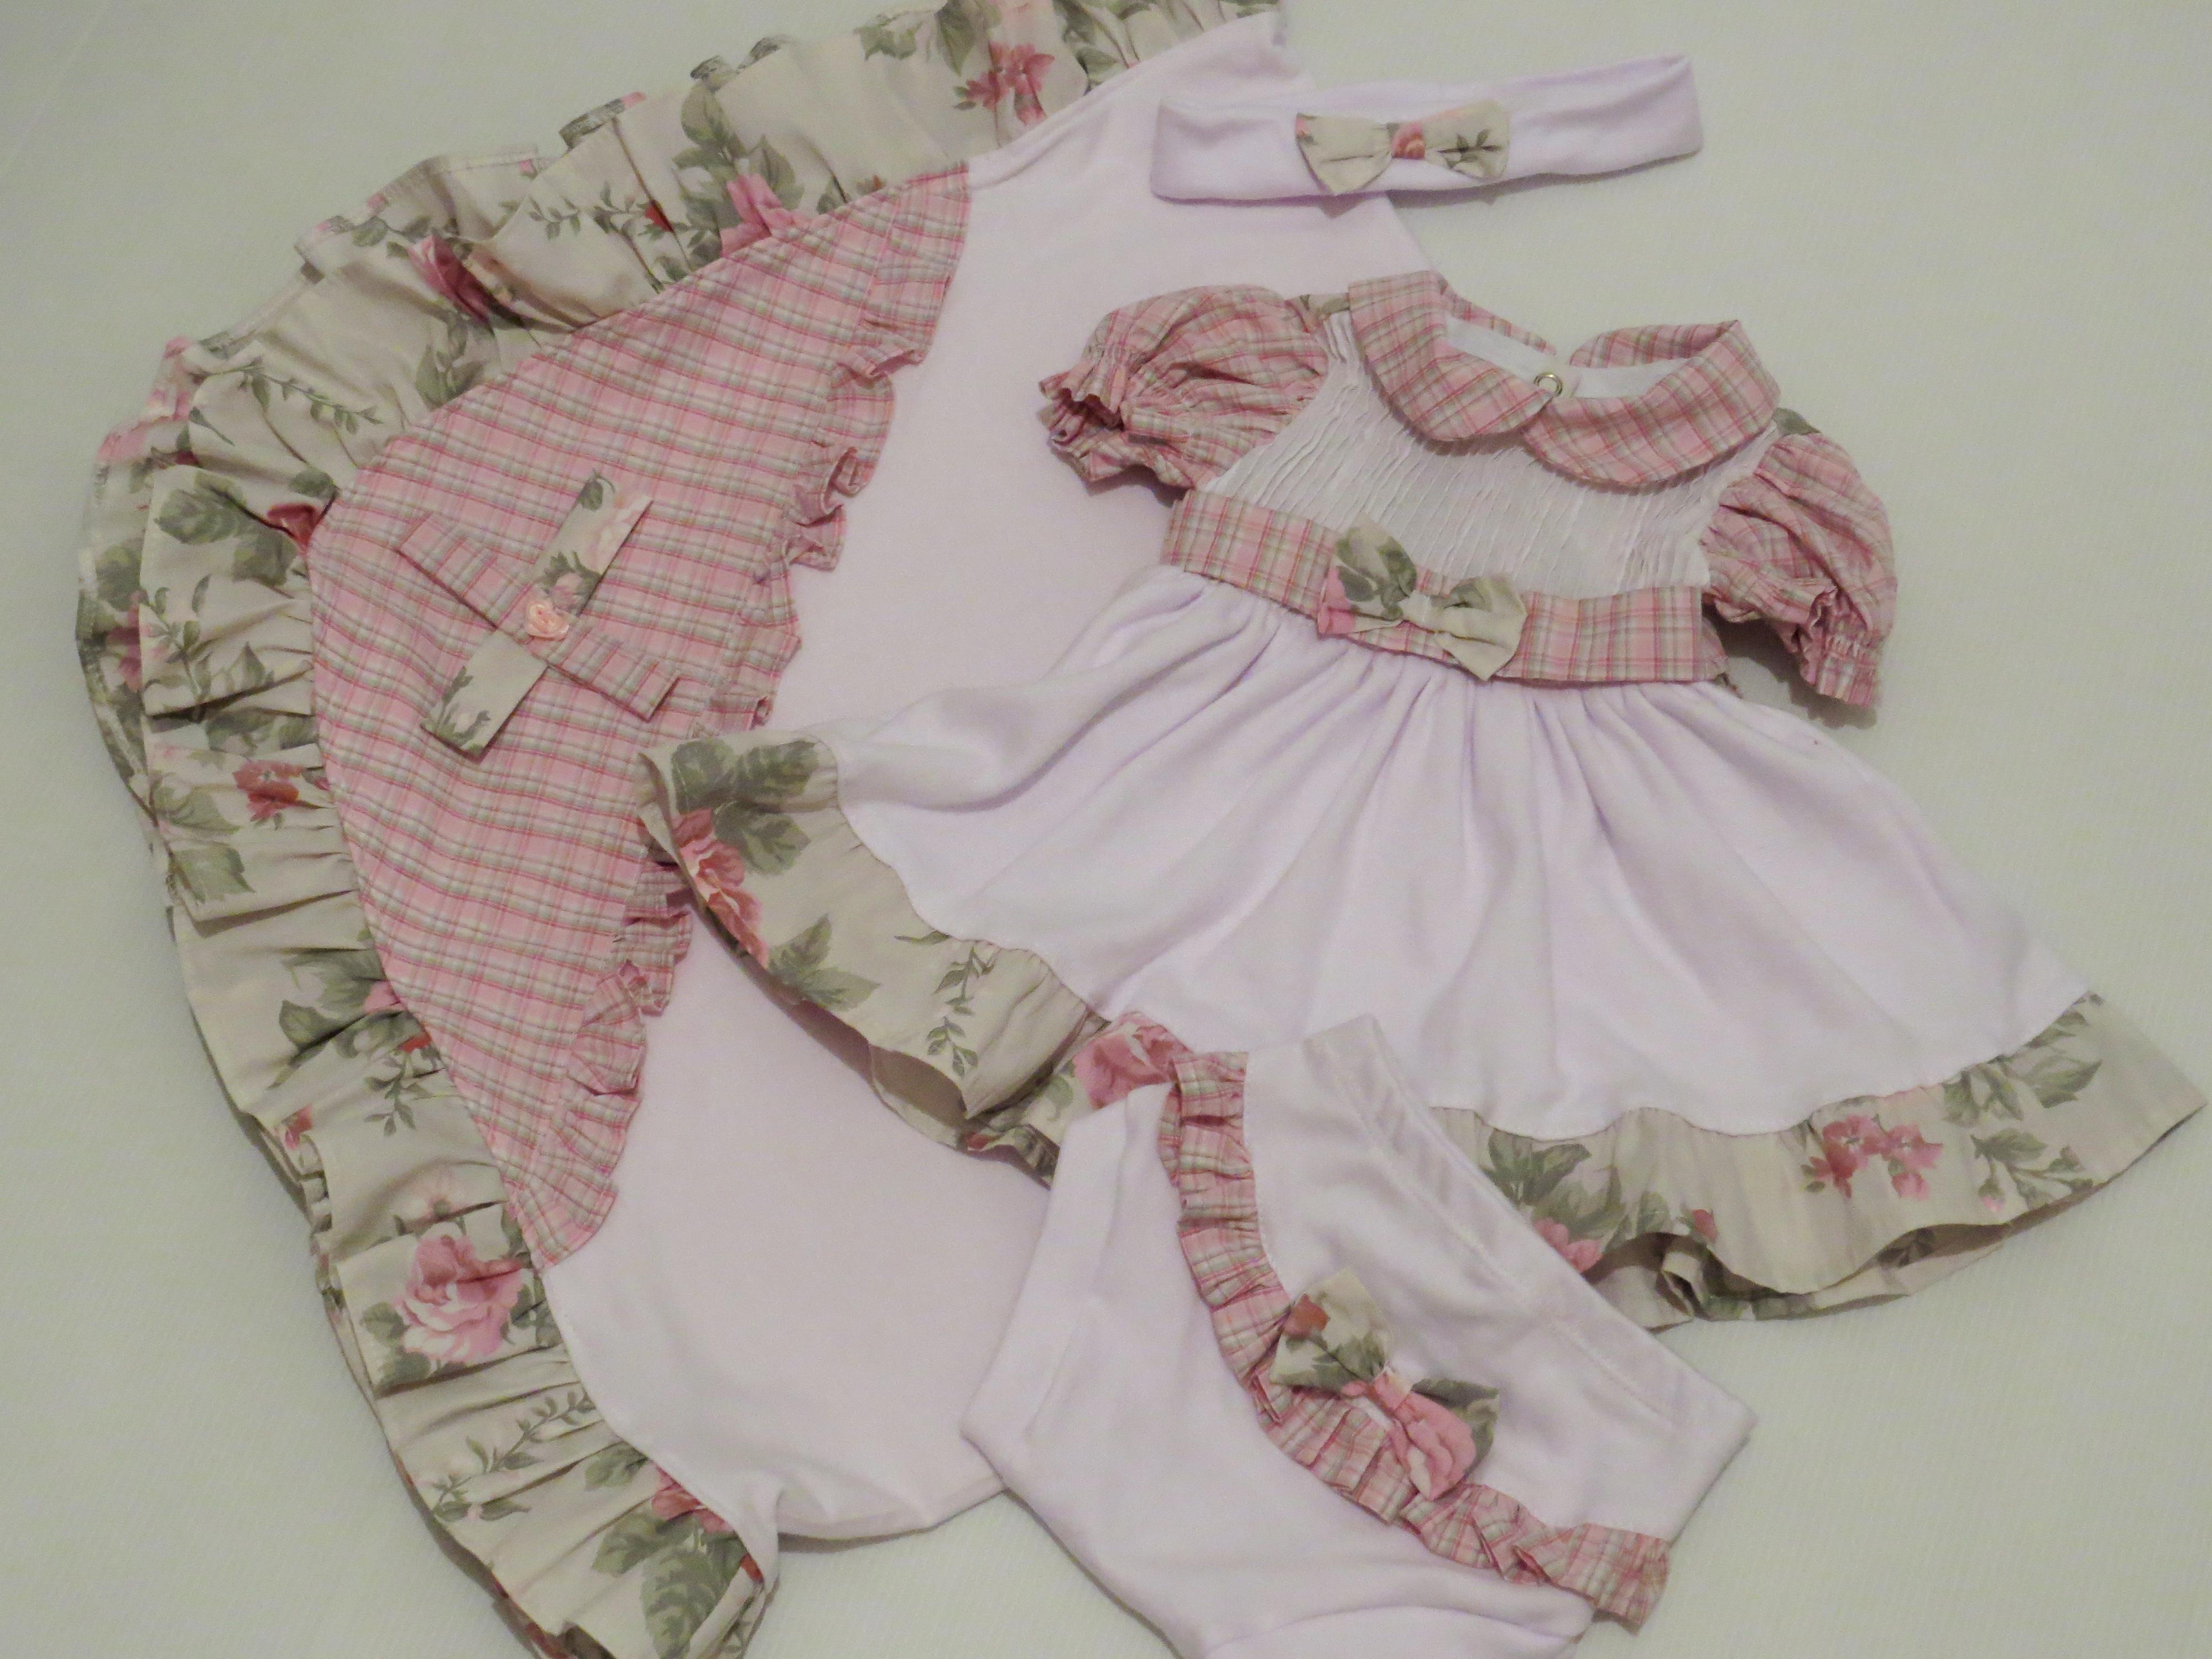 Pin 51517 roupas de recem nascido 3 roupas para beb 234 rec 233 m nascido